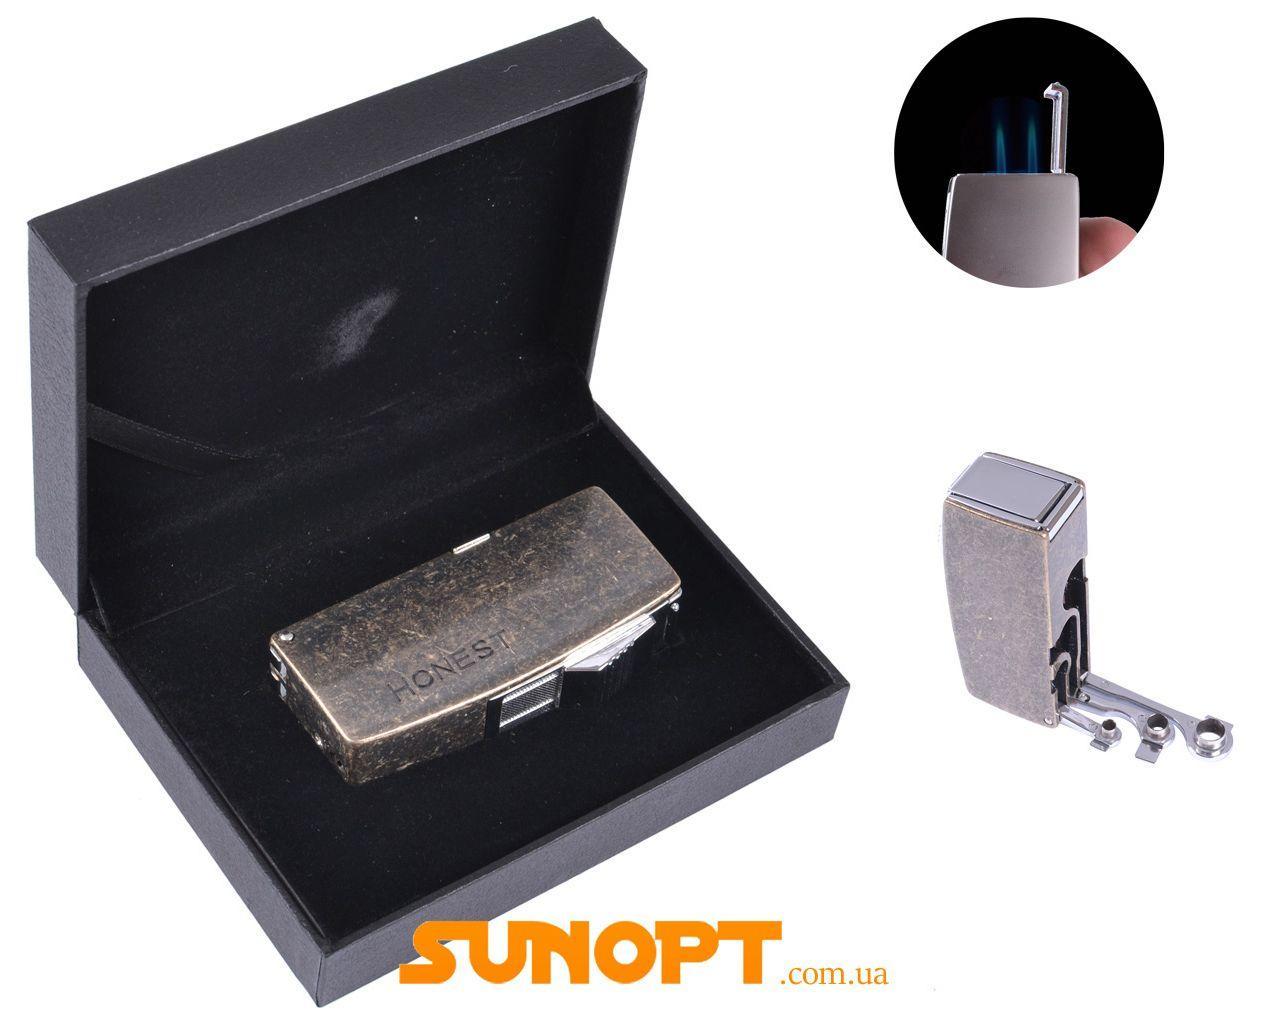 Зажигалка для сигар в подарочной упаковке Honest (Острое пламя) №3008-1